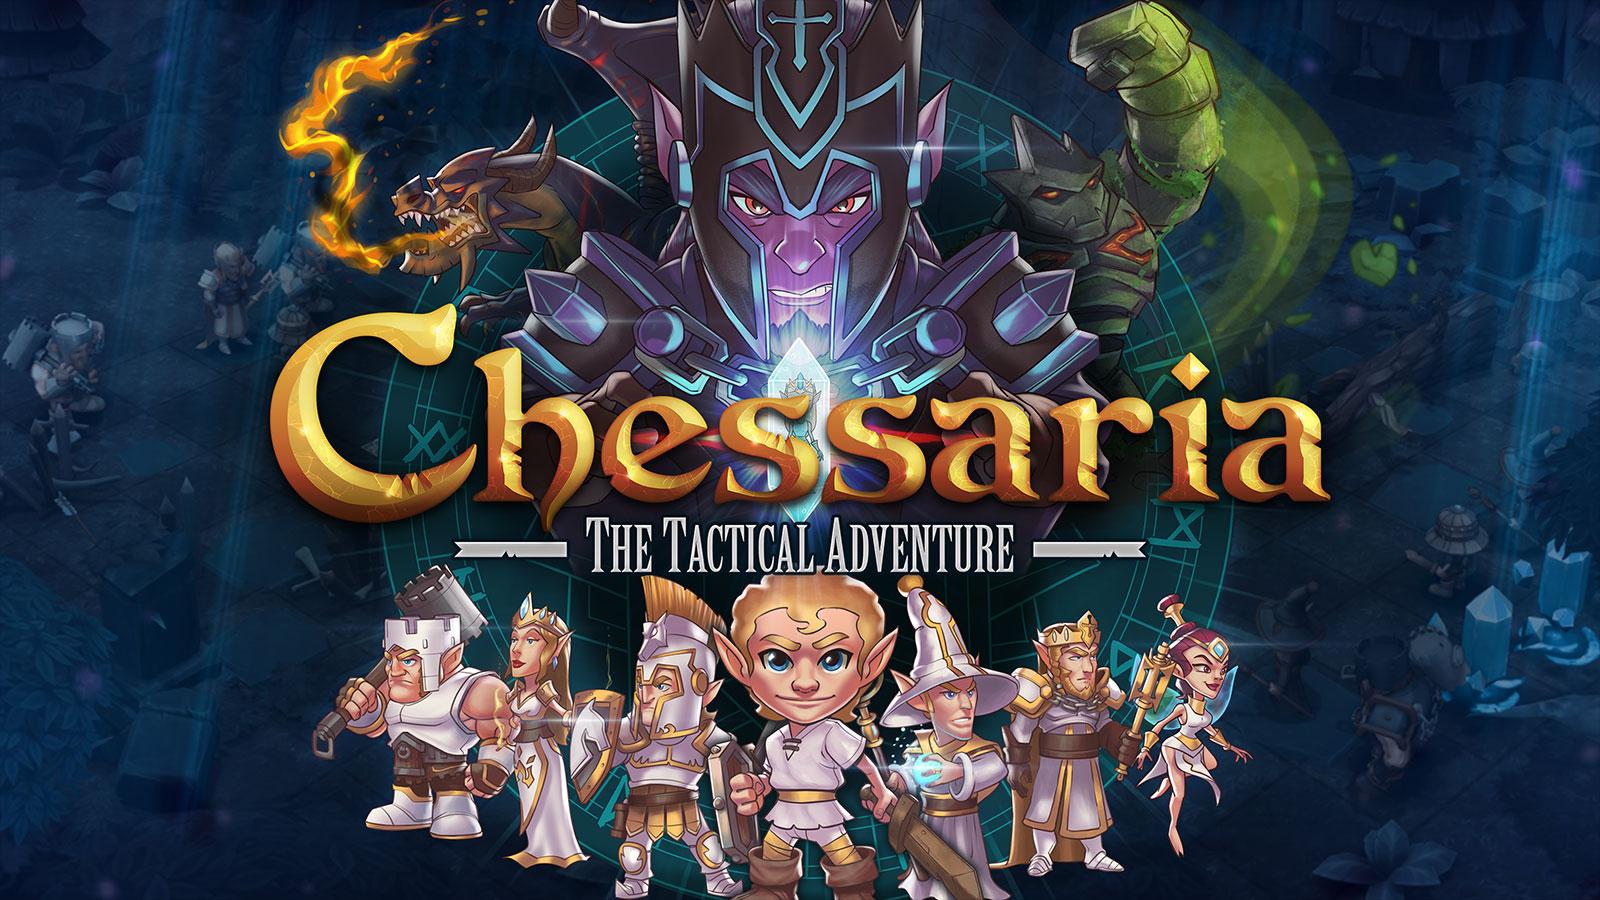 Chessaria Splashscreen 1600x900